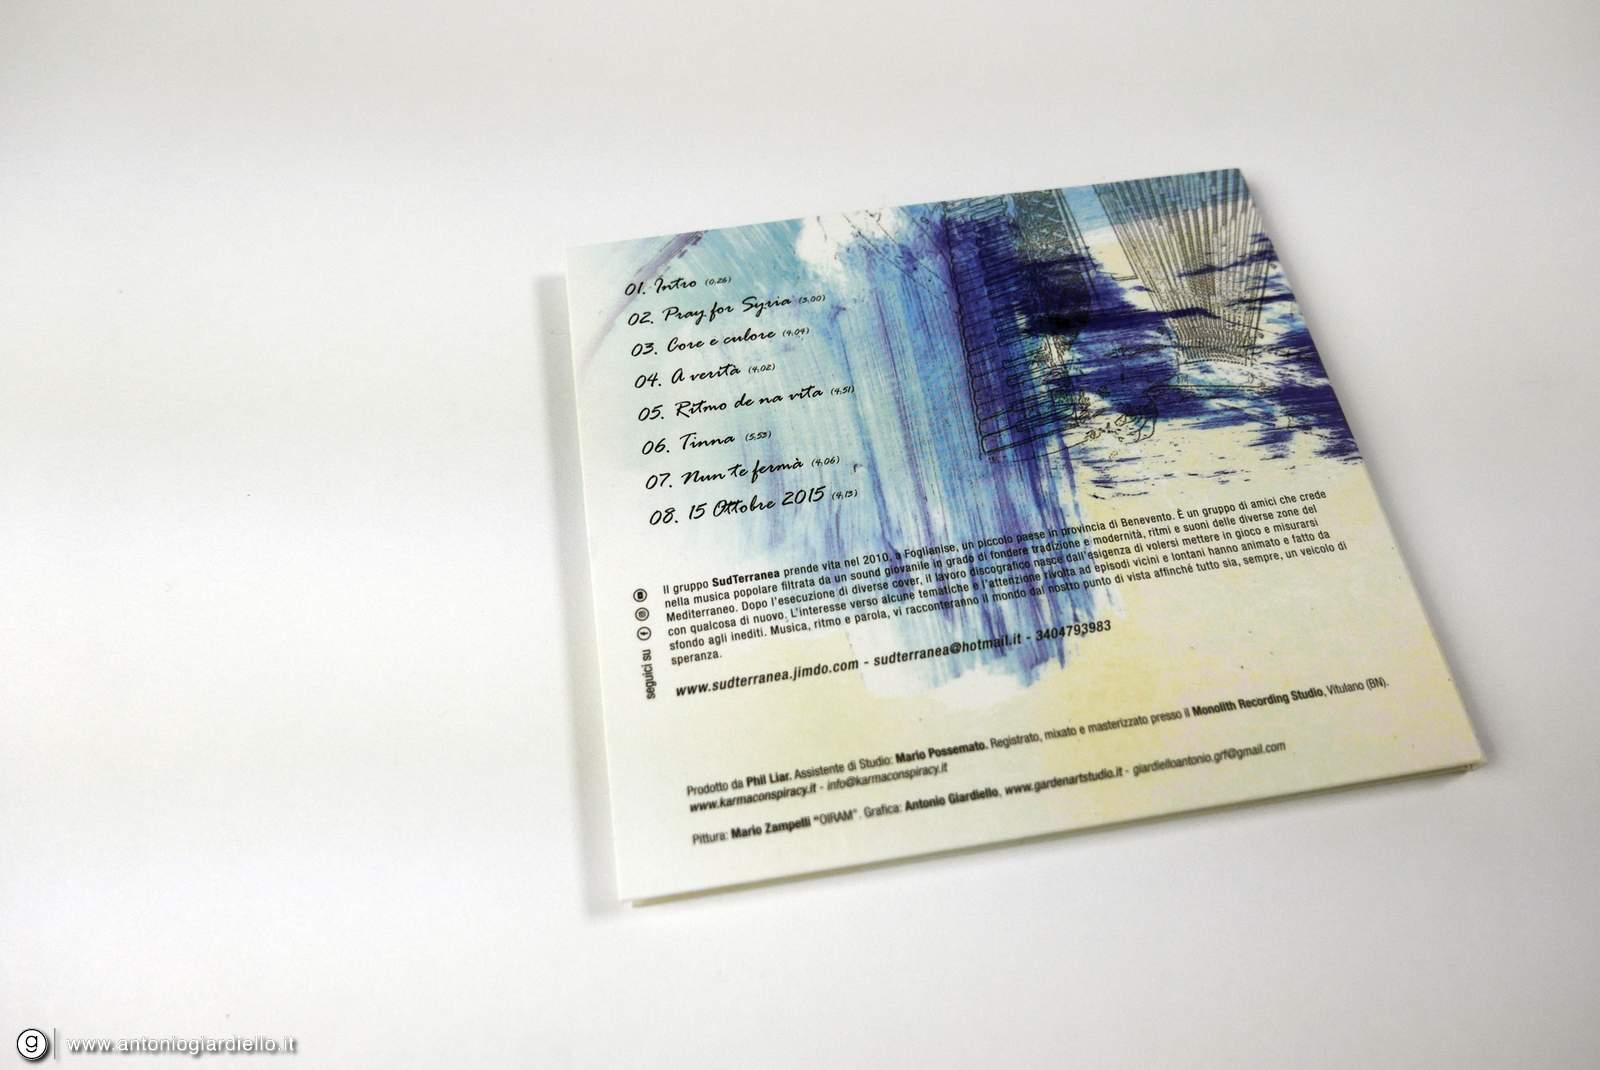 progettazione grafica album musicale poeticamente scorretto dei sudterranea13.jpg